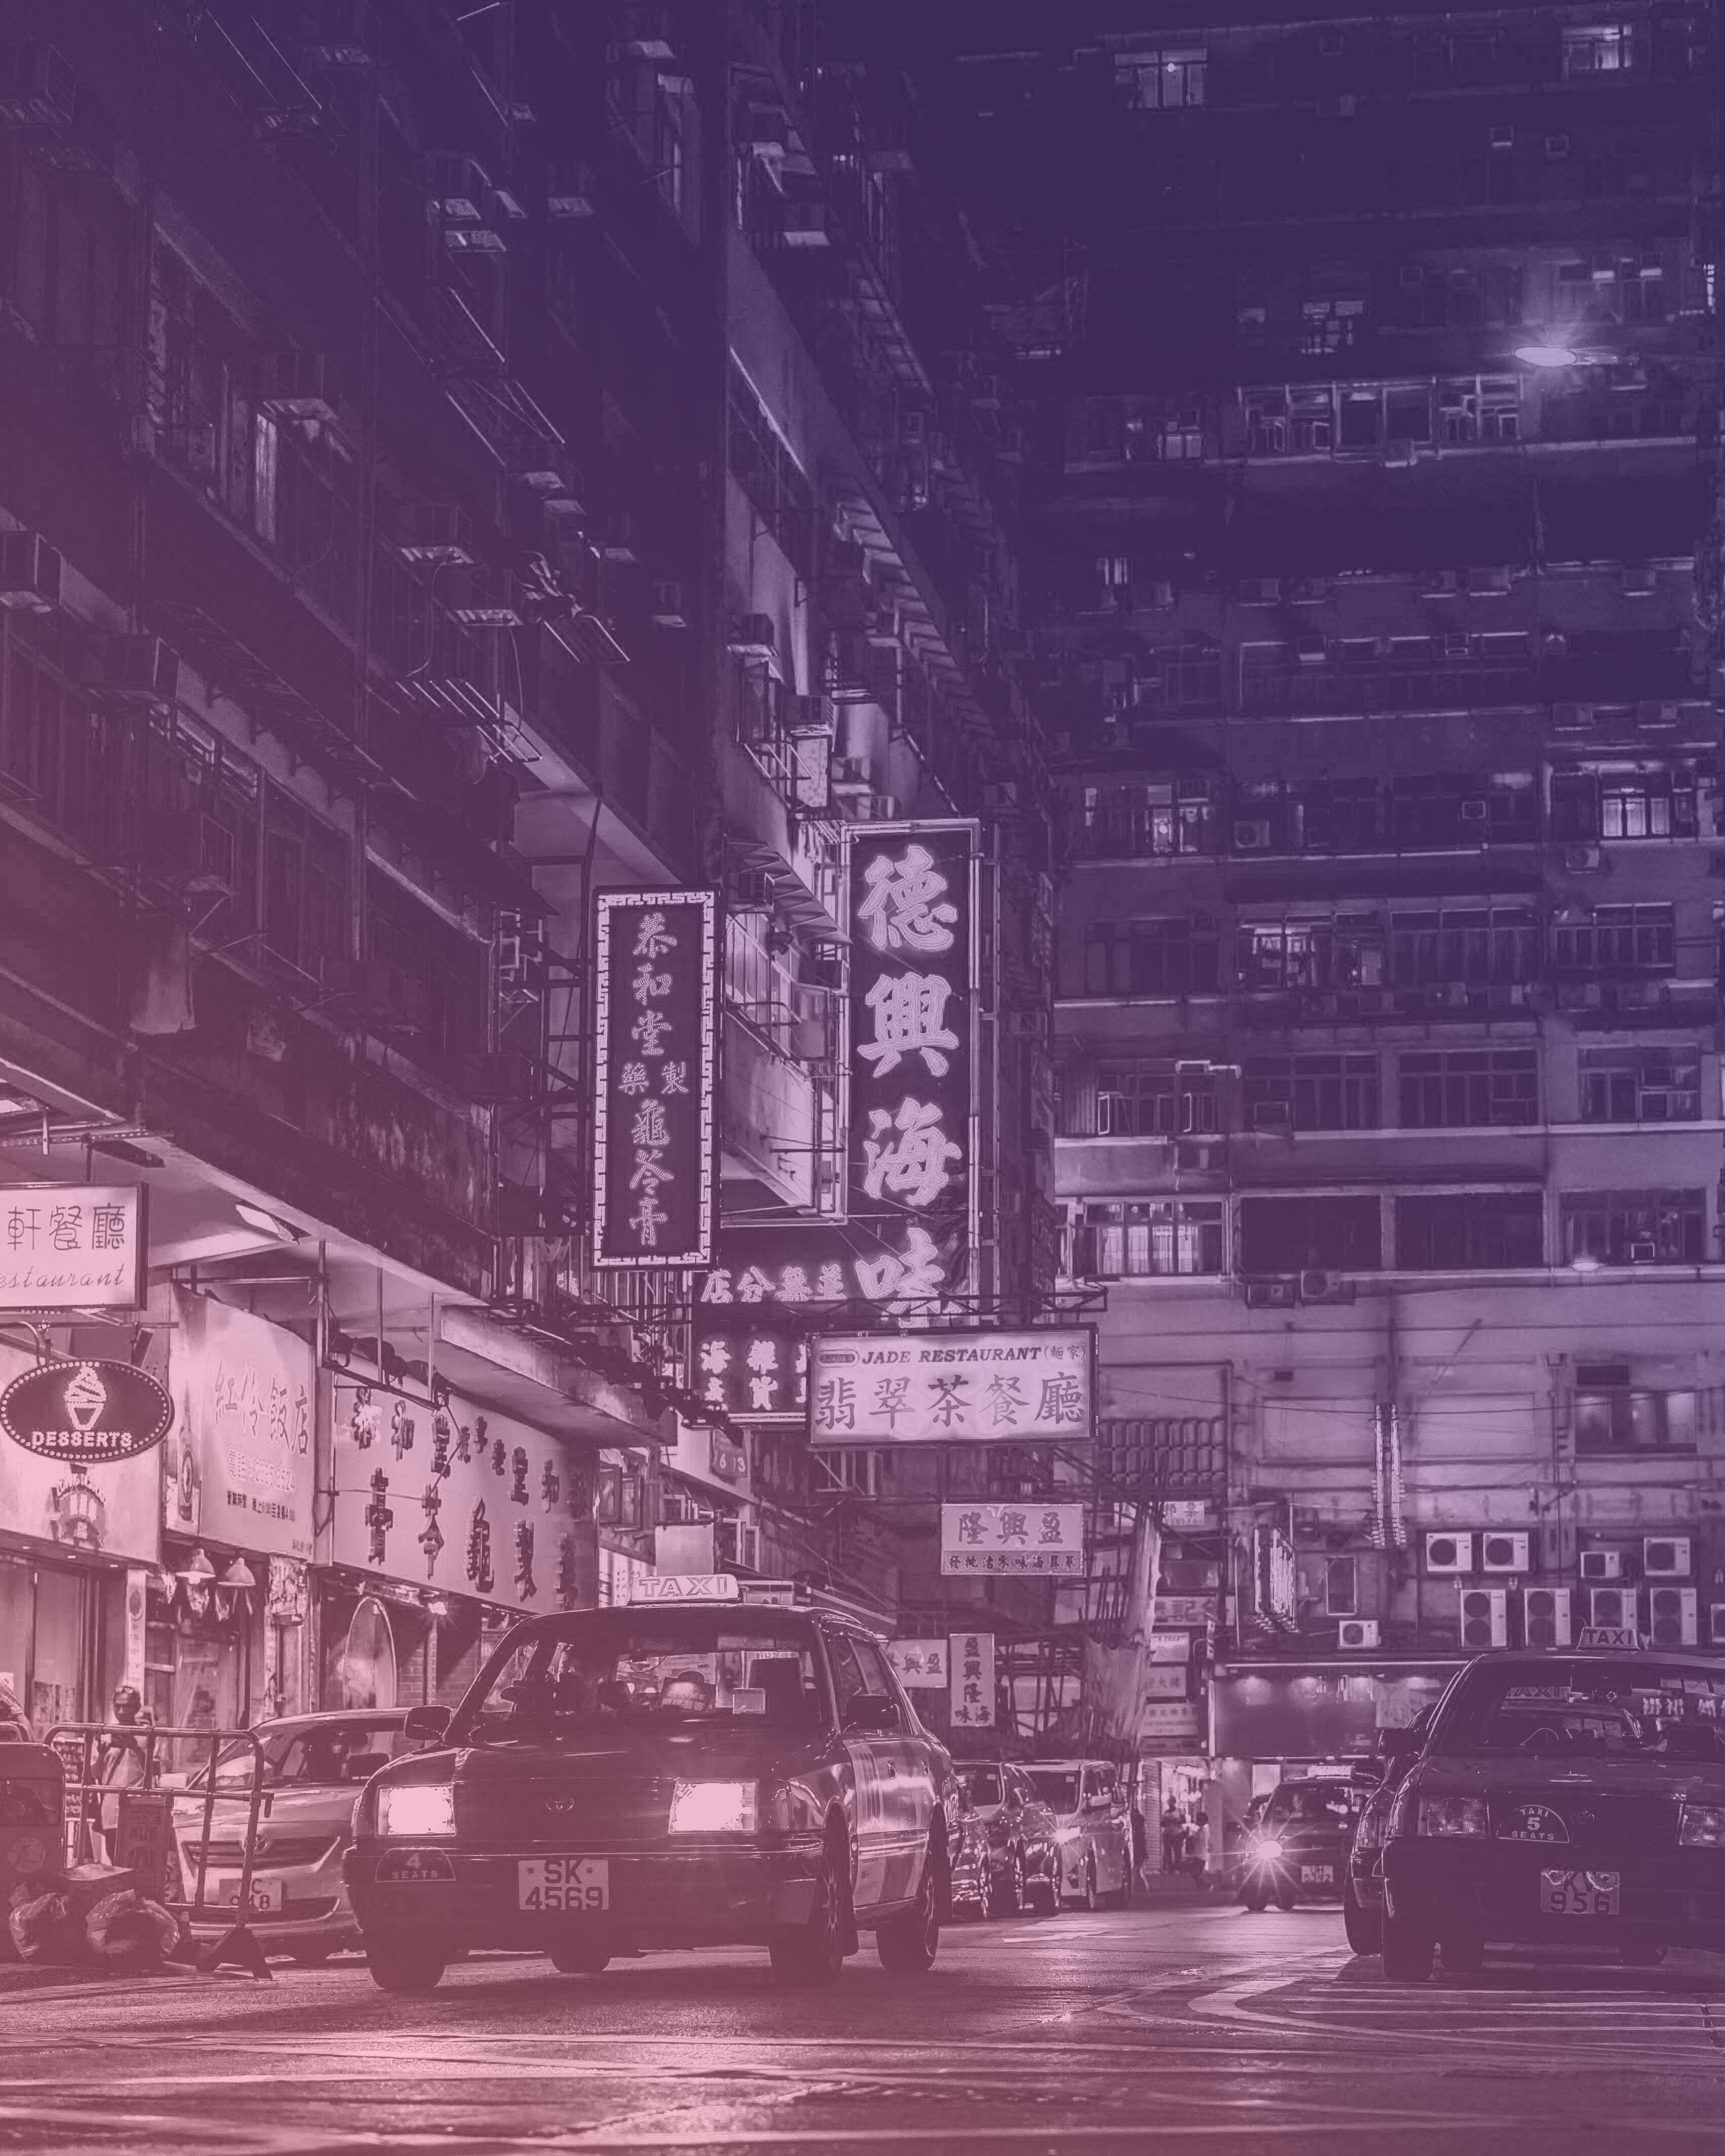 Hong Kong old street fab story